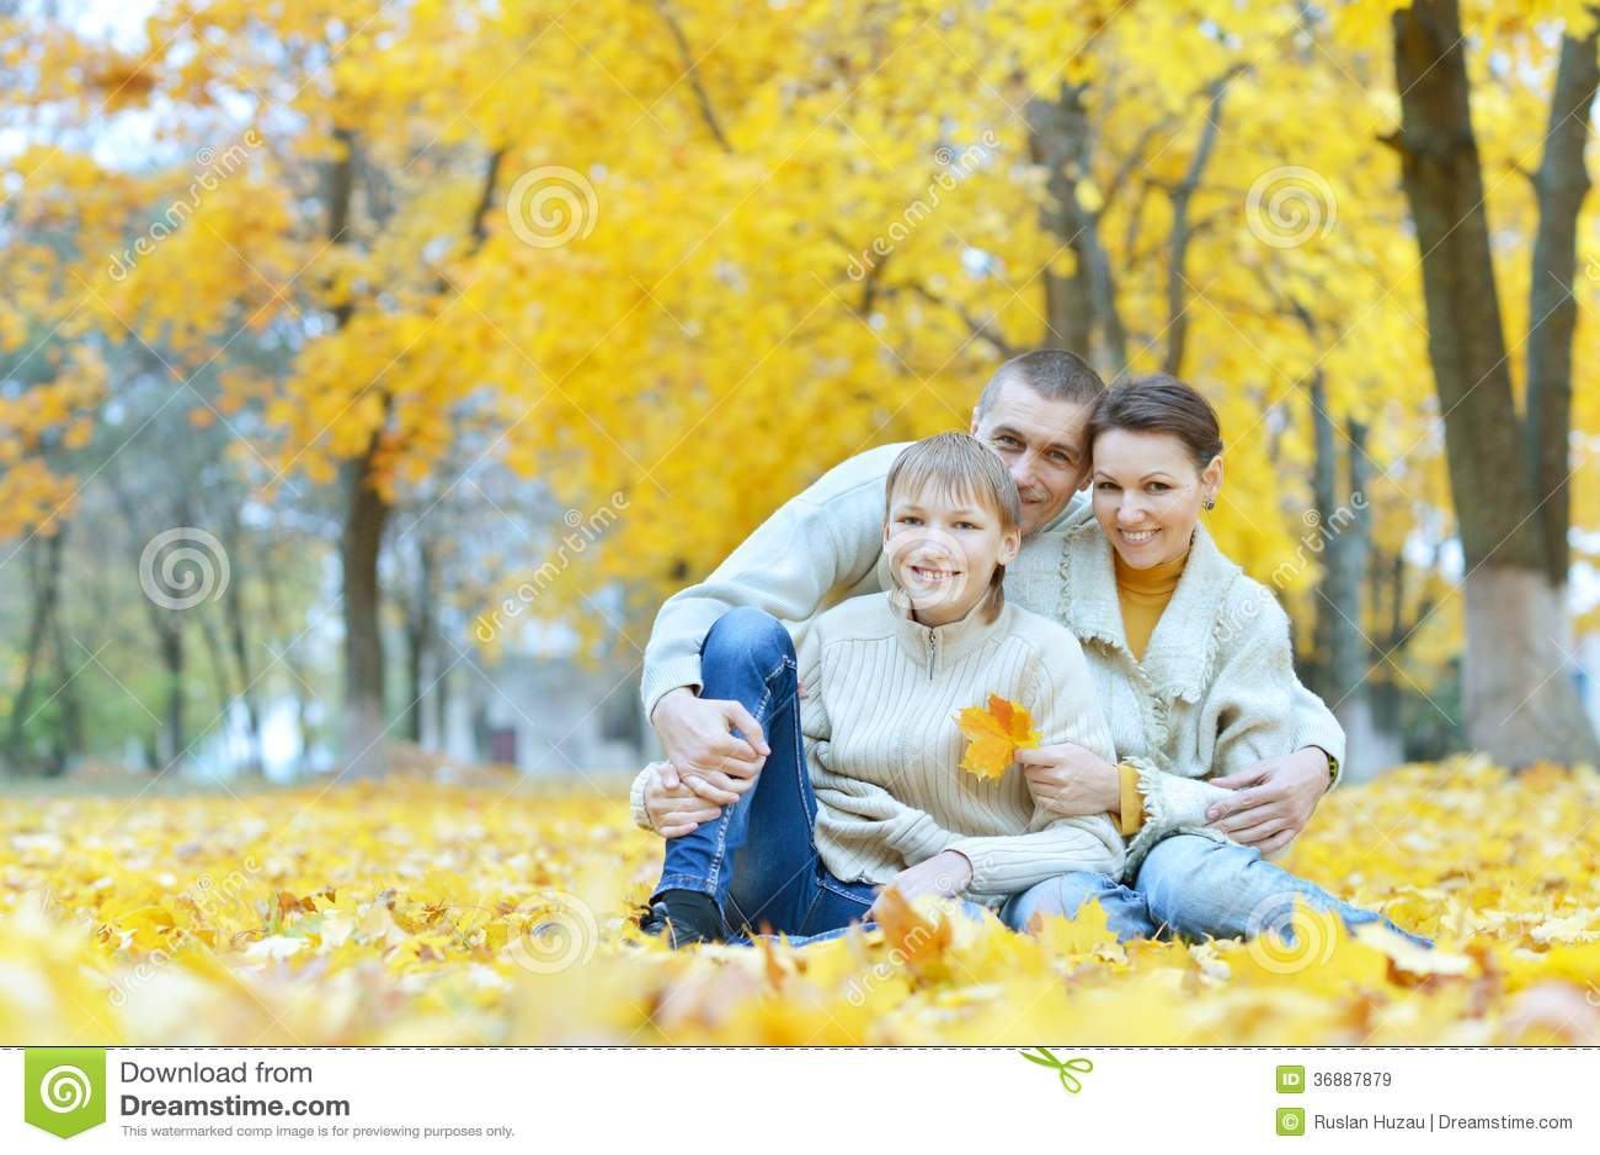 Download Famiglia felice in parco immagine stock. Immagine di europeo - 36887879